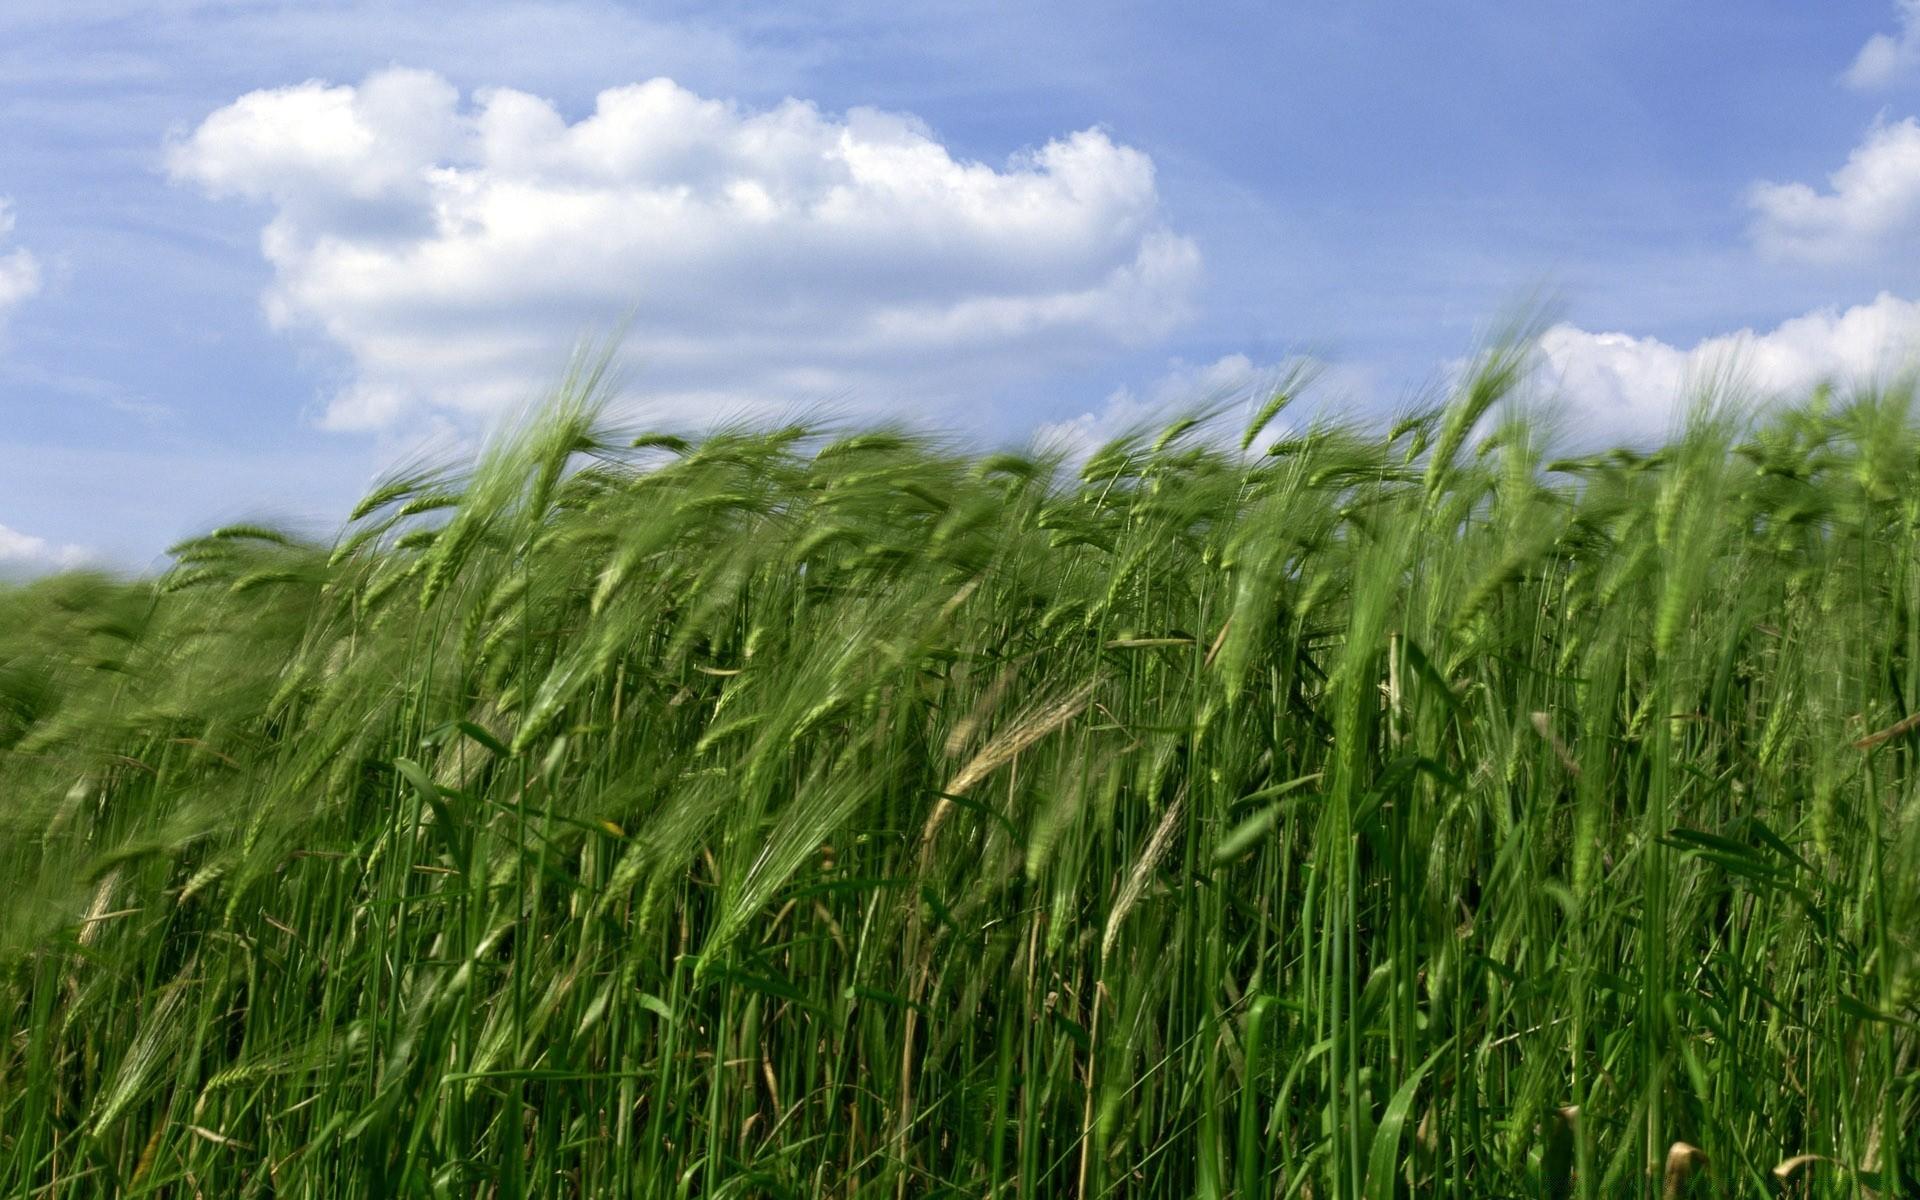 Зеленая пшеница  № 2559148 загрузить